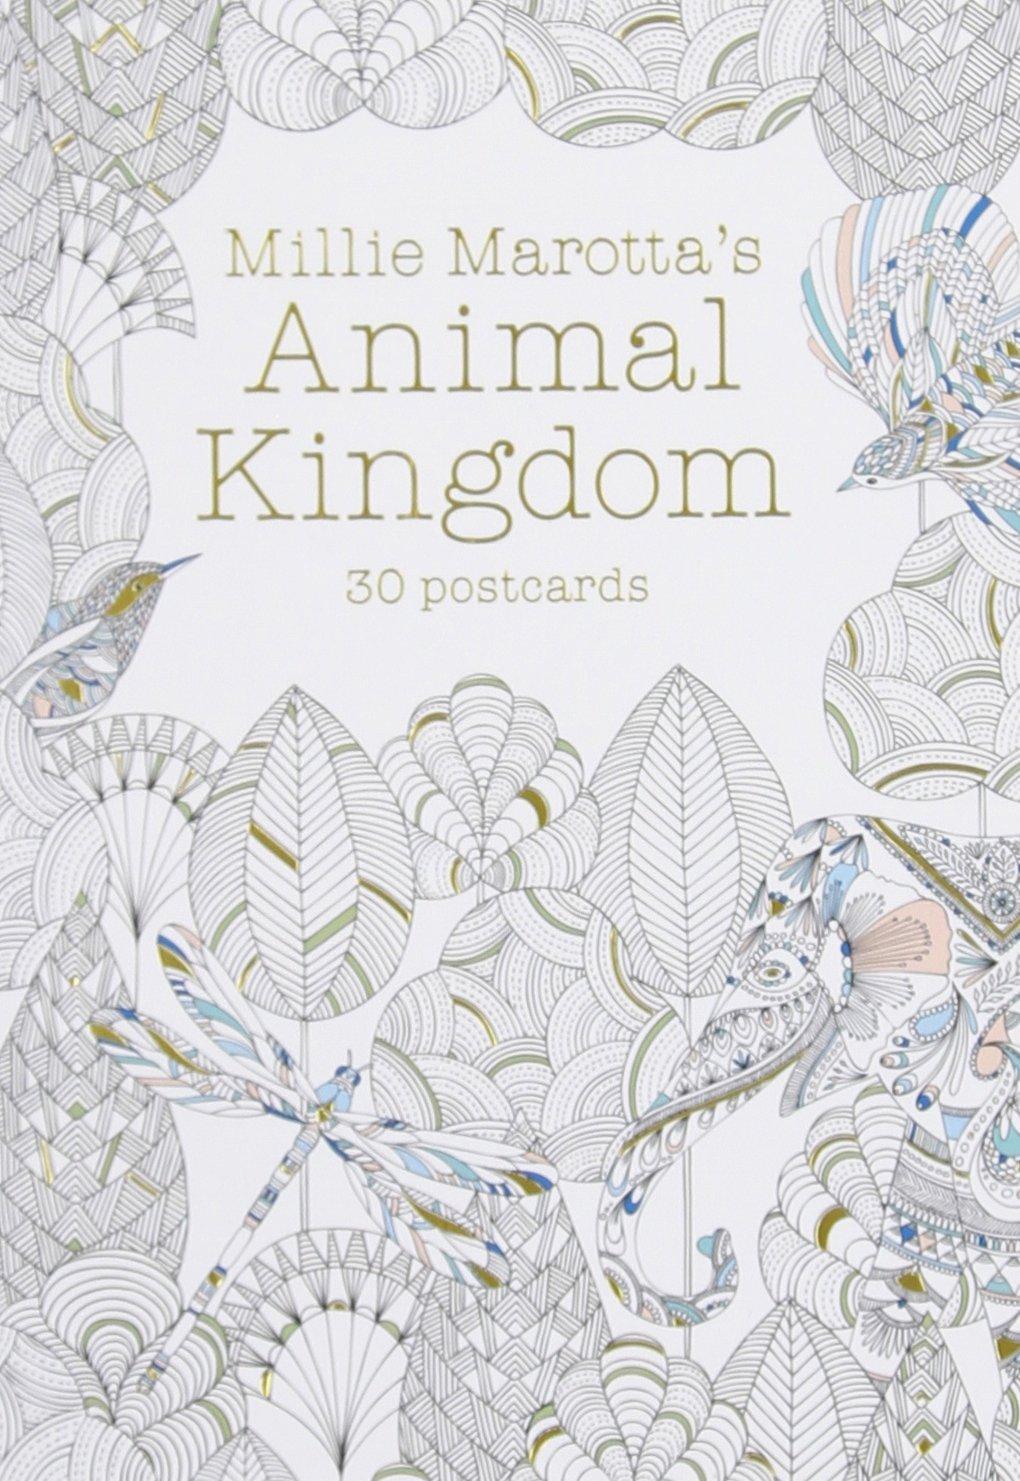 Millie Marottas Animal Kingdom Postcard Book 30 Postcards Marotta Adult Coloring Amazoncouk 9781454709350 Books